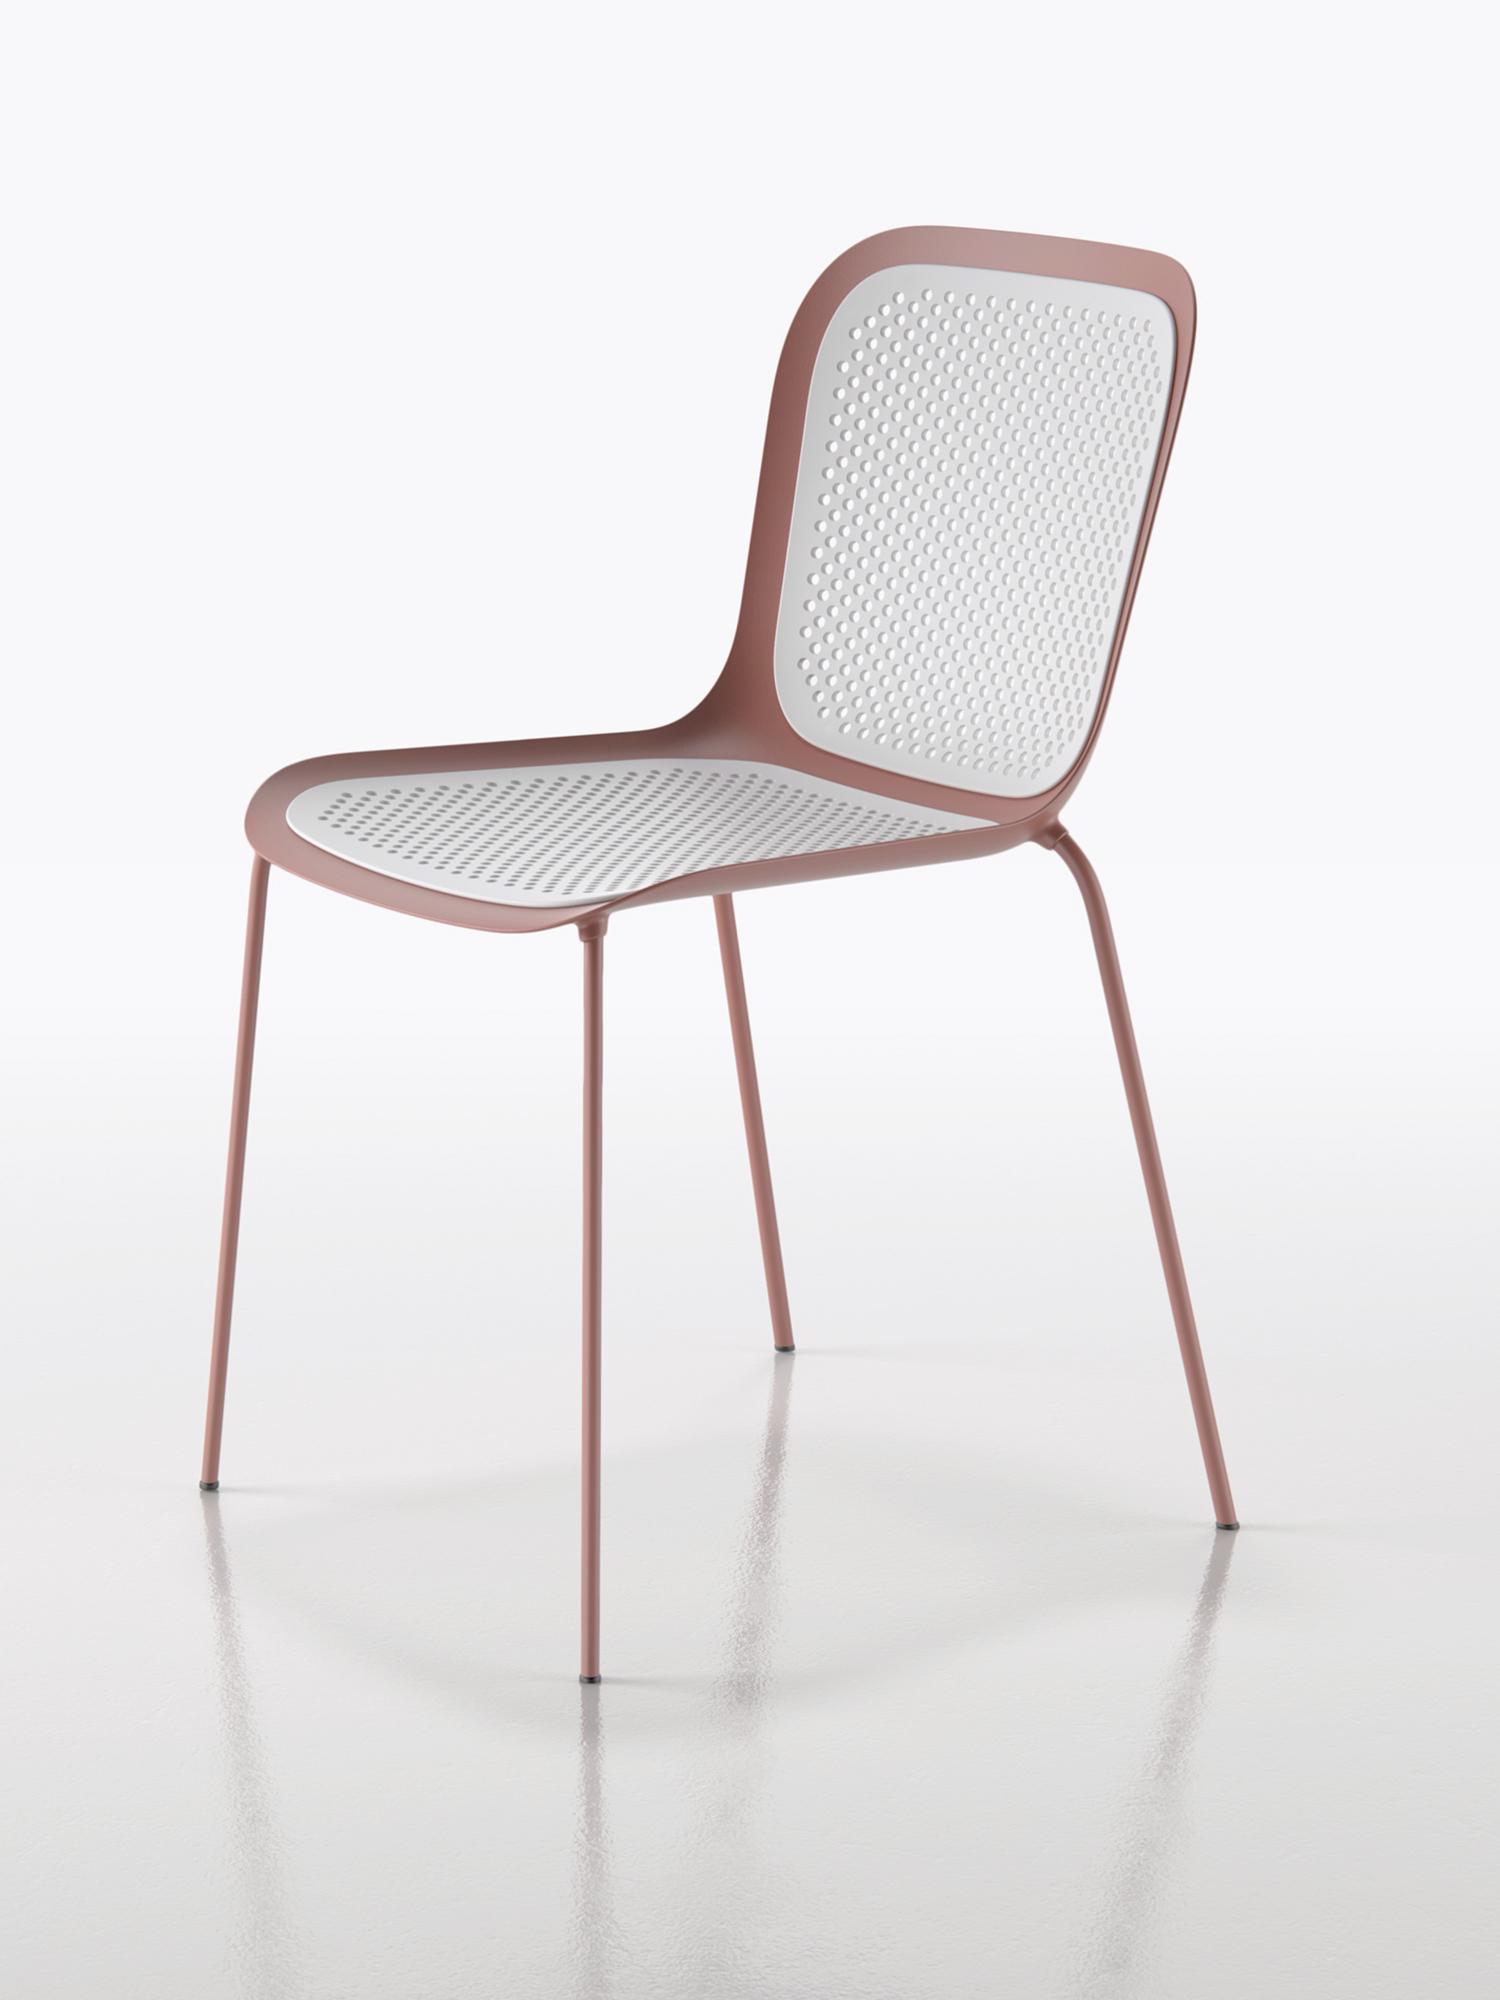 match chair